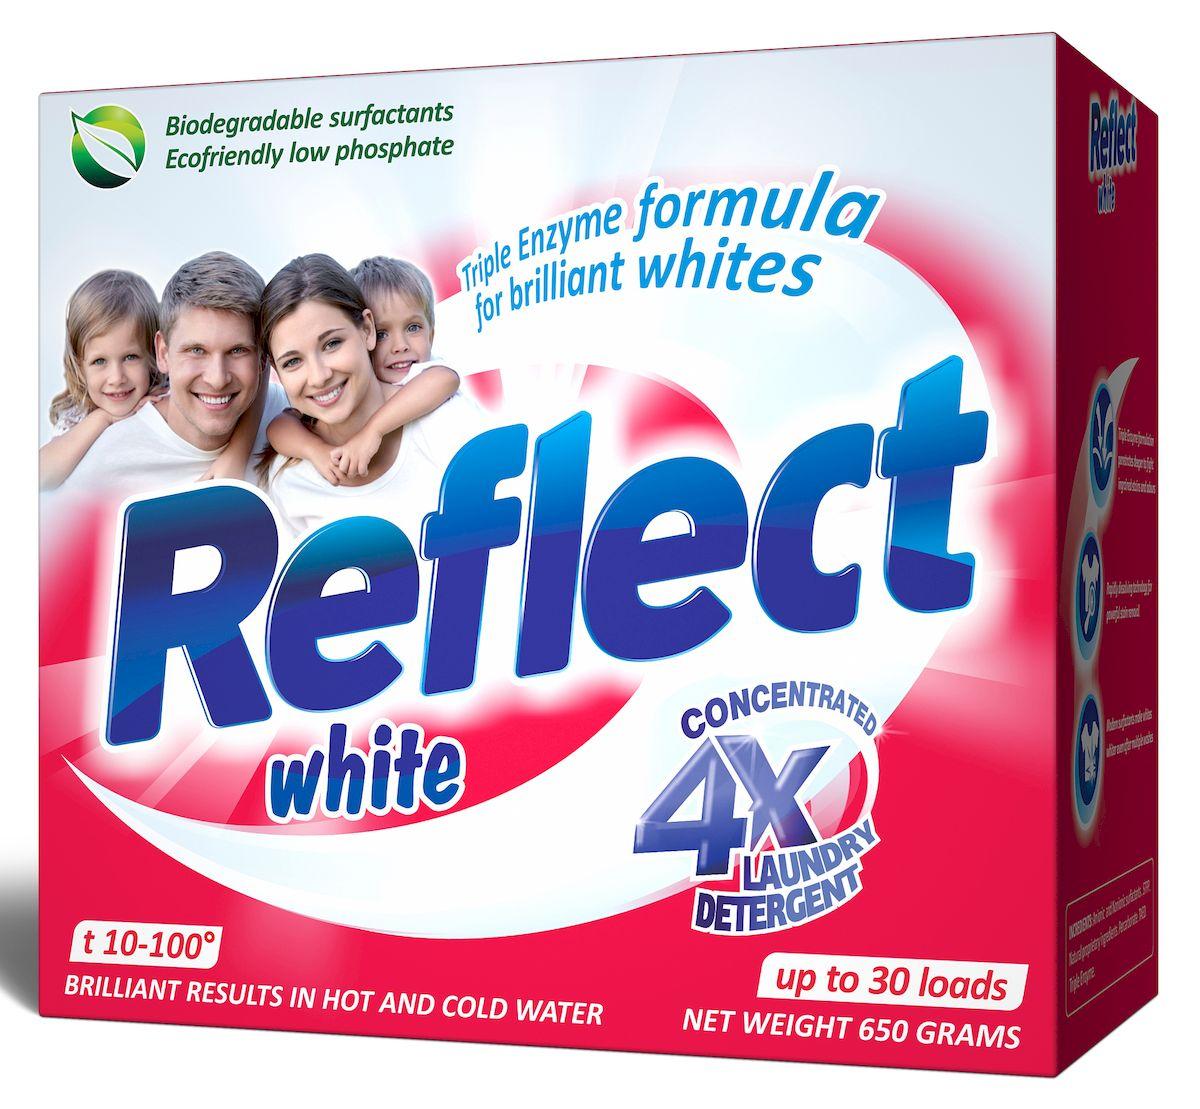 Стиральный порошок Reflect White, концентрированный, для белых и светлых тканей, 650 г43596/3-0523/3-0528Концентрированный стиральный порошок Reflect White предназначен для стирки белых и светлых тканей.Особенности порошка Reflect White: - придает белоснежность и яркость белым тканям от стирки к стирке, - отстирывает самые сильные загрязнения (воротнички, манжеты), - антибактериальный, уничтожает 99,9% известных бактерий,- обладает высокой моющей способностью в широком диапазоне температур (10°C-100°C), - предупреждает образование накипи на водонагревательном элементе, - удаляет пятна и загрязнения различного происхождения, не повреждая структуру ткани, - в состав входит энзим (антипиллинг), который предотвращает образование ворсистости на ткани, - подходит для всех типов ткани, включая ткани с мембранным покрытием, кроме шерсти и шелка- универсальный - для машинной и ручной стирки. Товар сертифицирован.